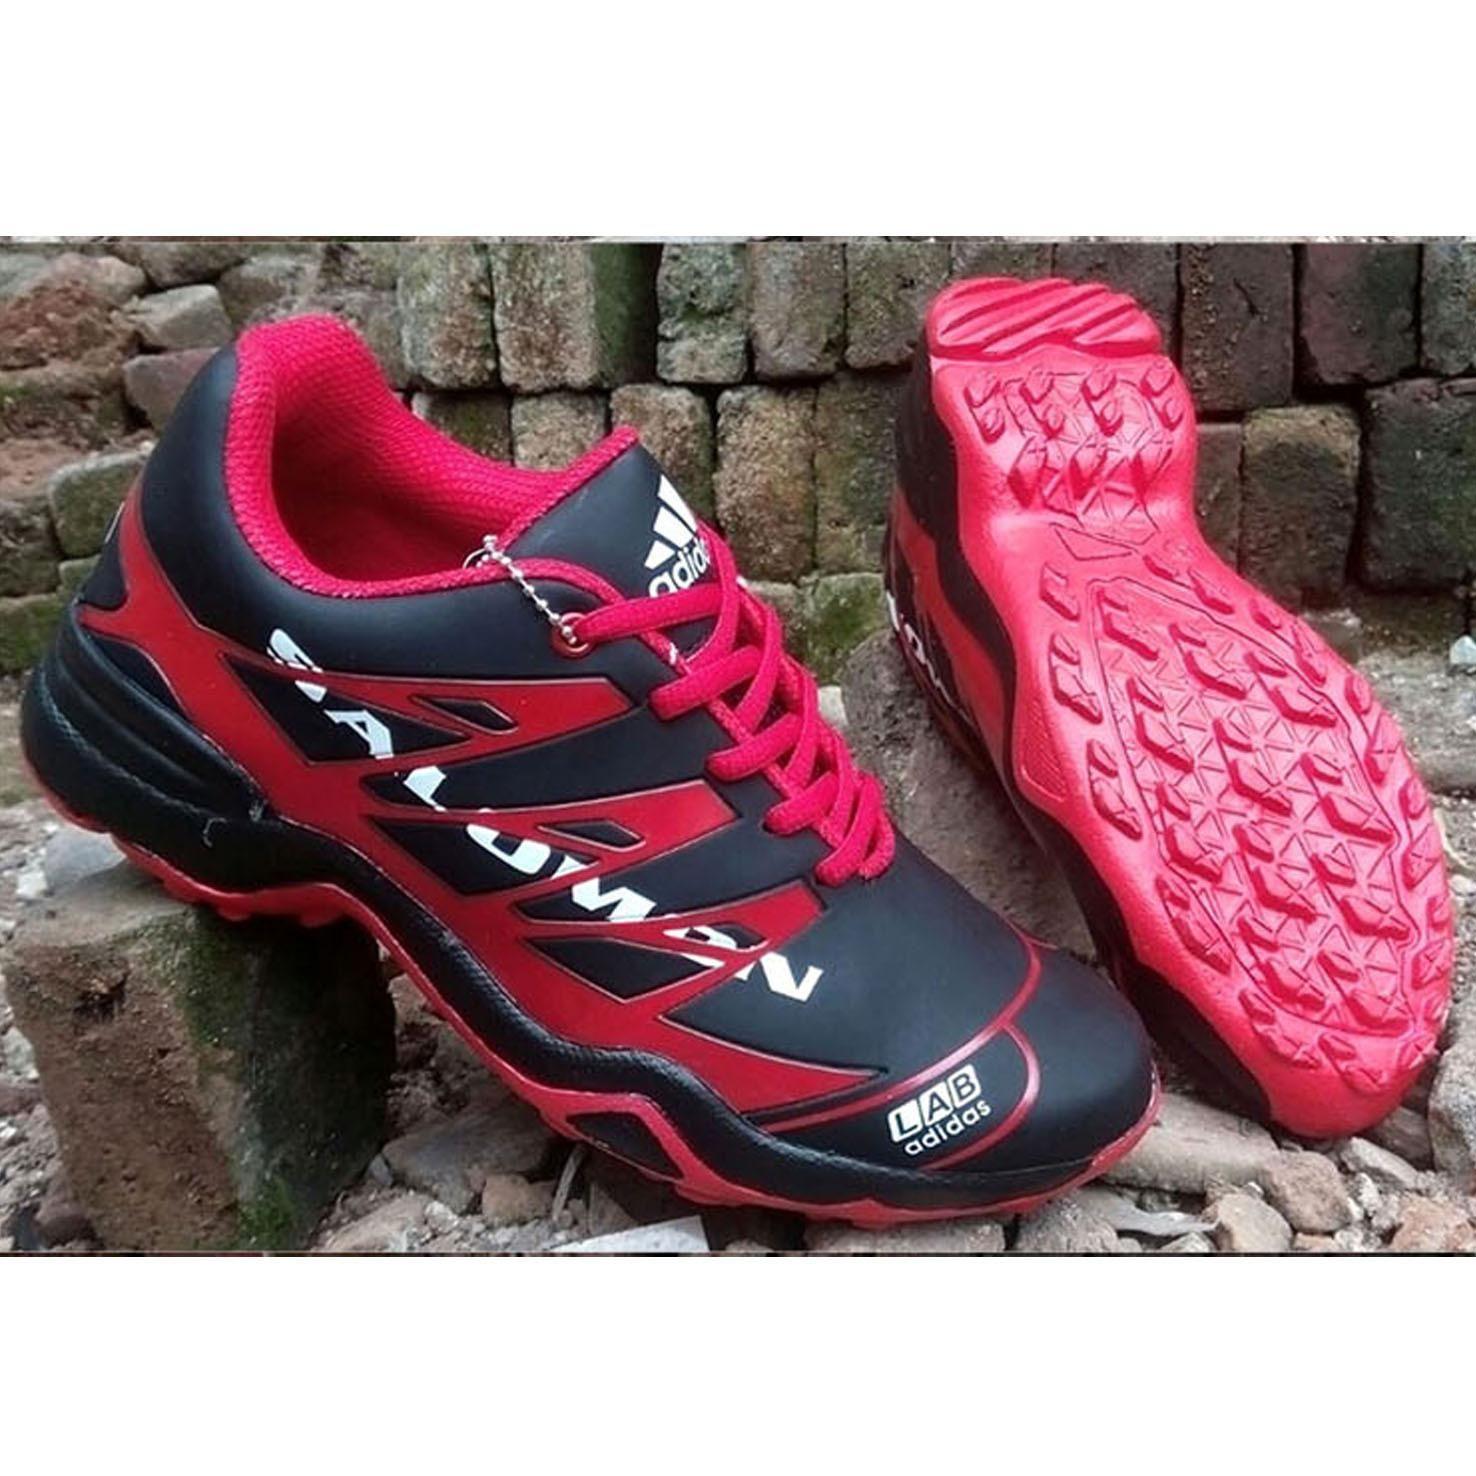 Sepatu Pria Sepatu Sneakers Sepatu Sport Olah Raga Slm 1 Sepatu